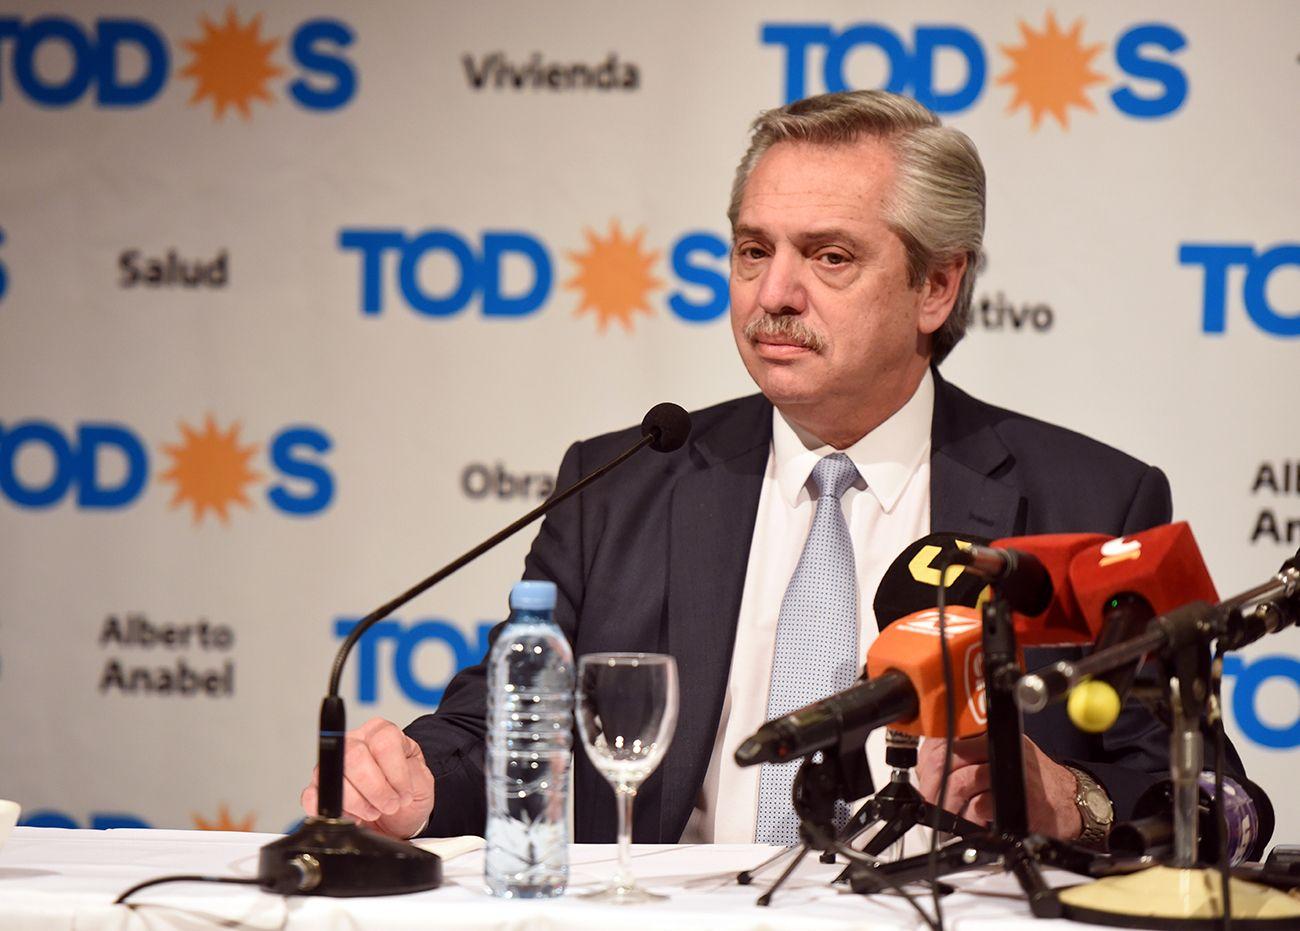 Alberto Fernández en Mendoza: A cada provincia le tiene que tocar lo que le corresponde